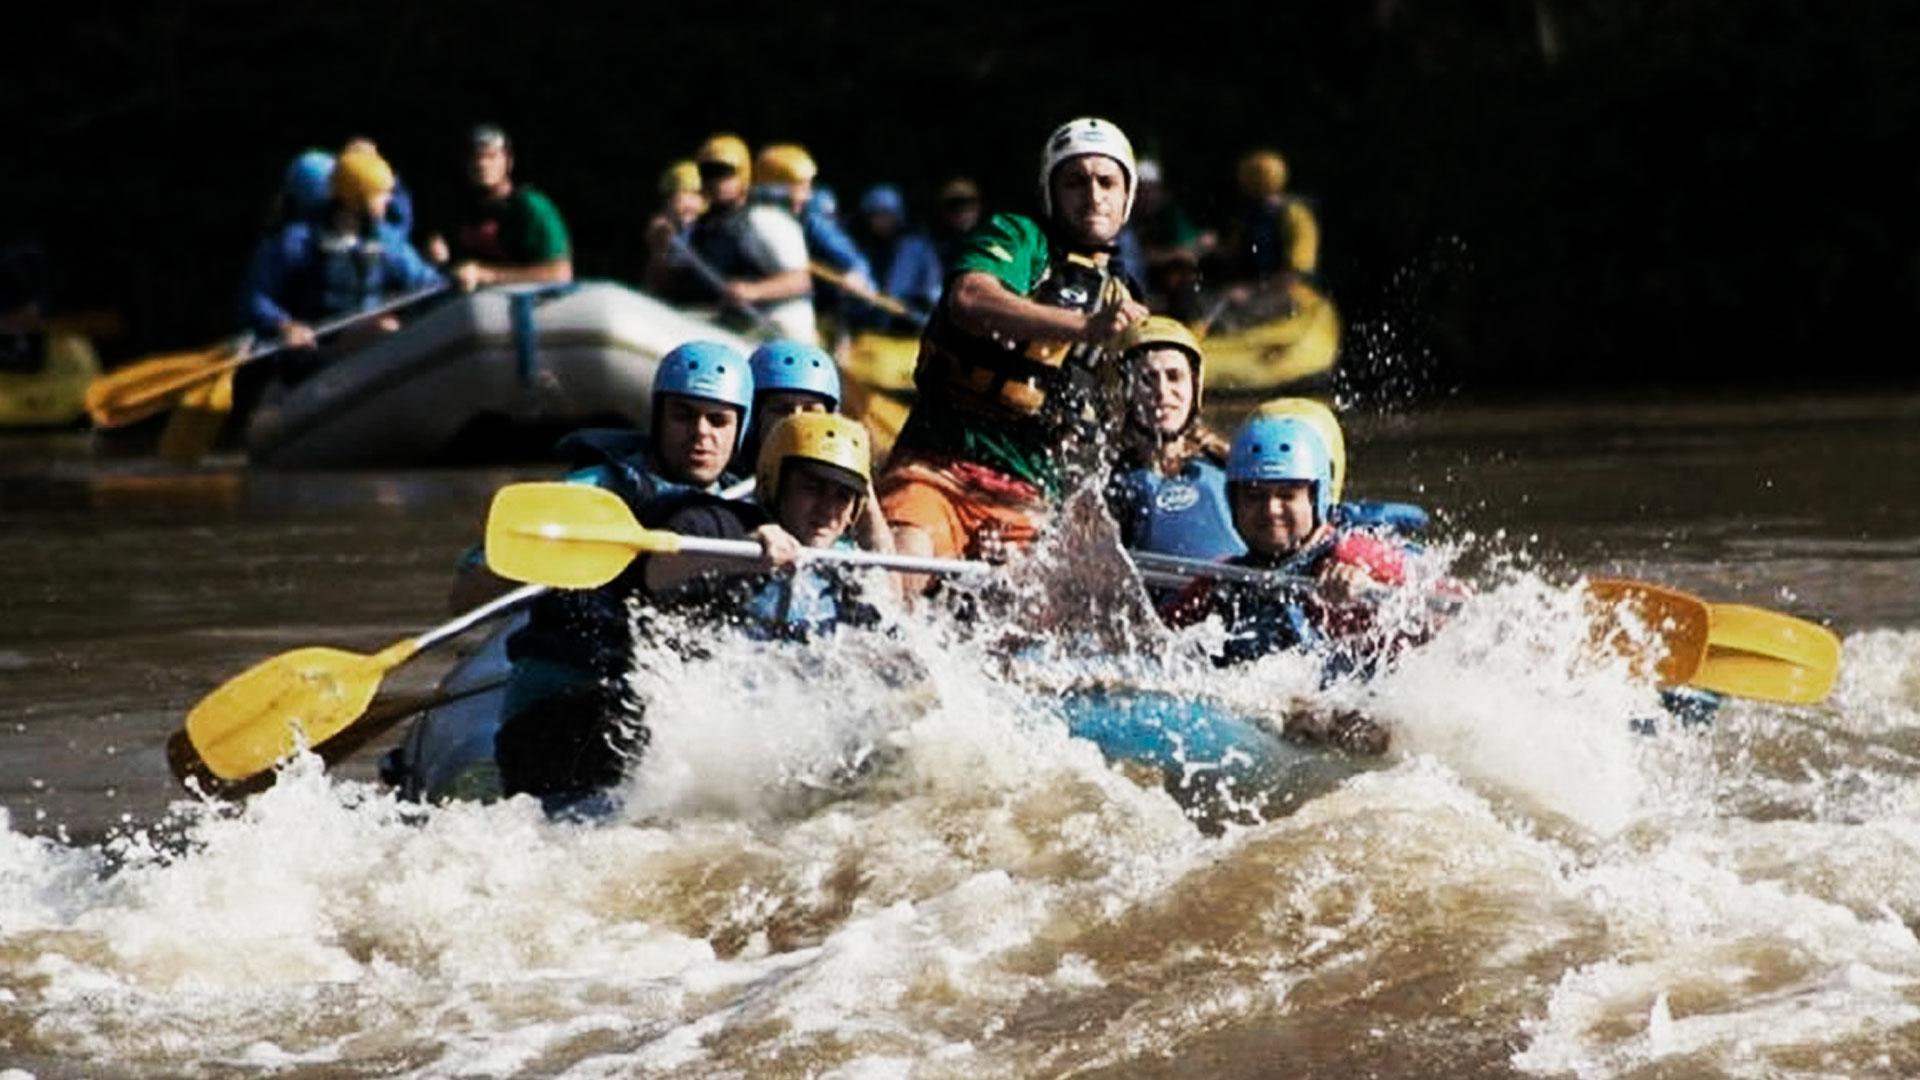 Grupo de pessoas em um bote azul praticando rafting no rio ribeira, em Cerro Azul.